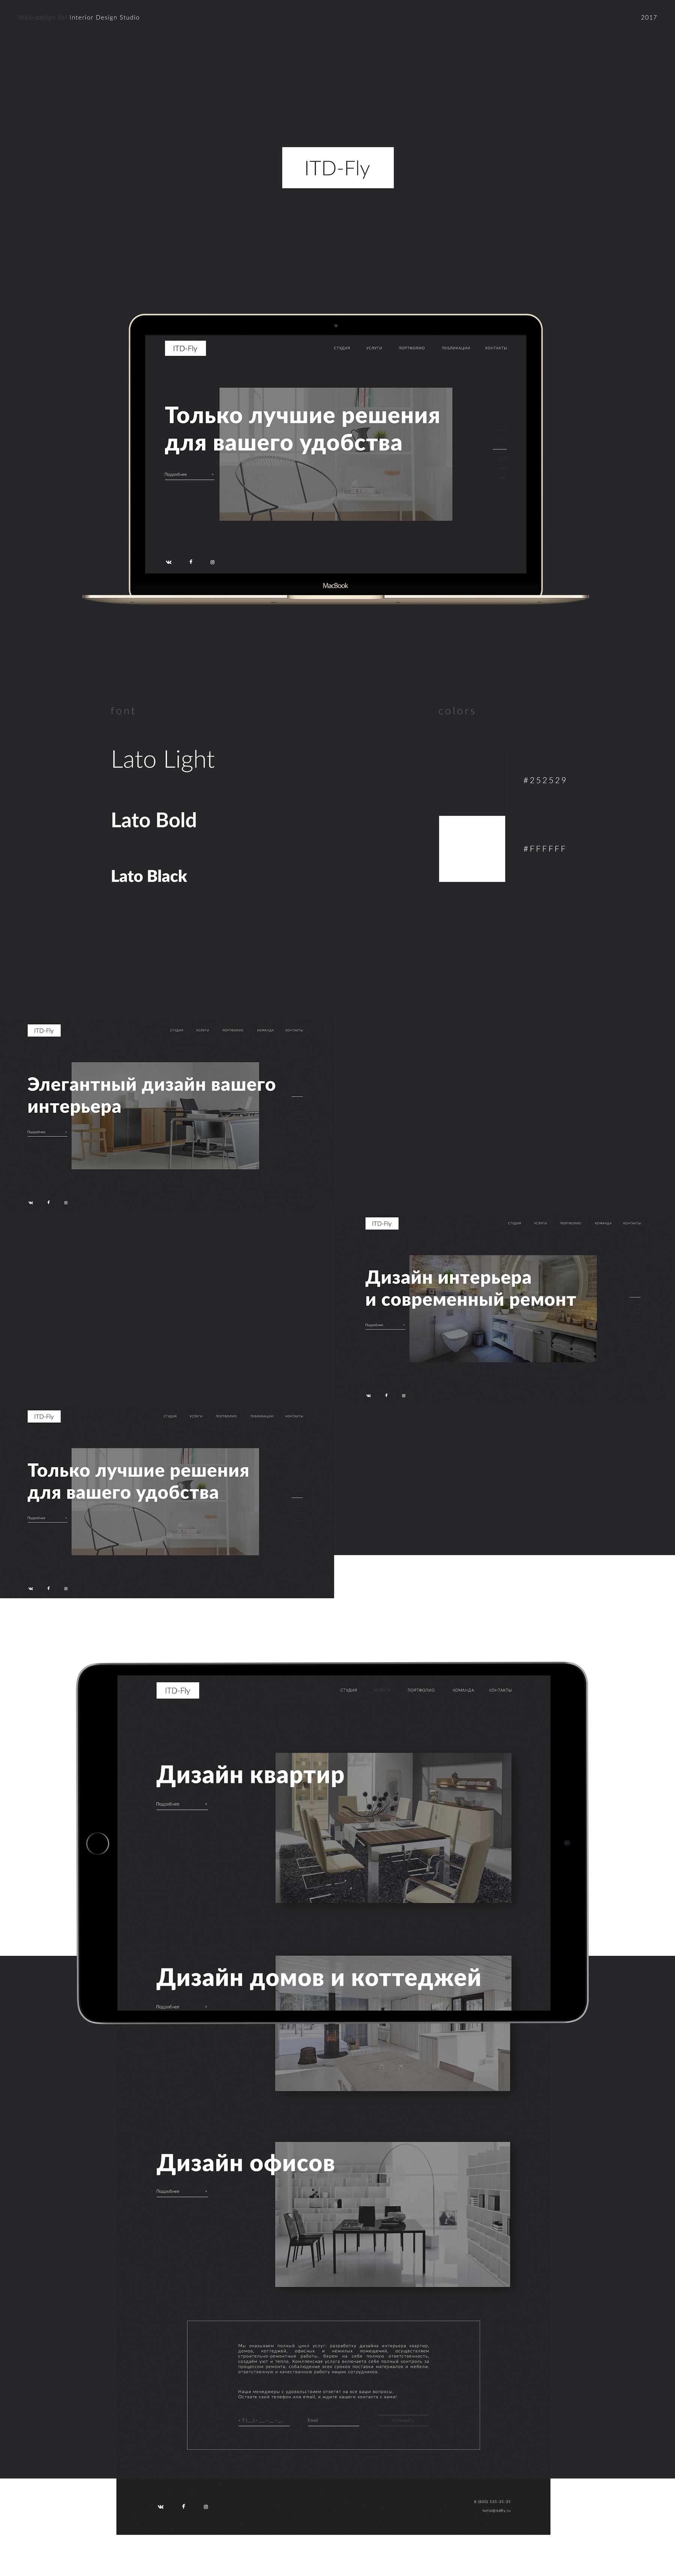 Дизайн сайта для студии дизайна интерьера LTD-fly